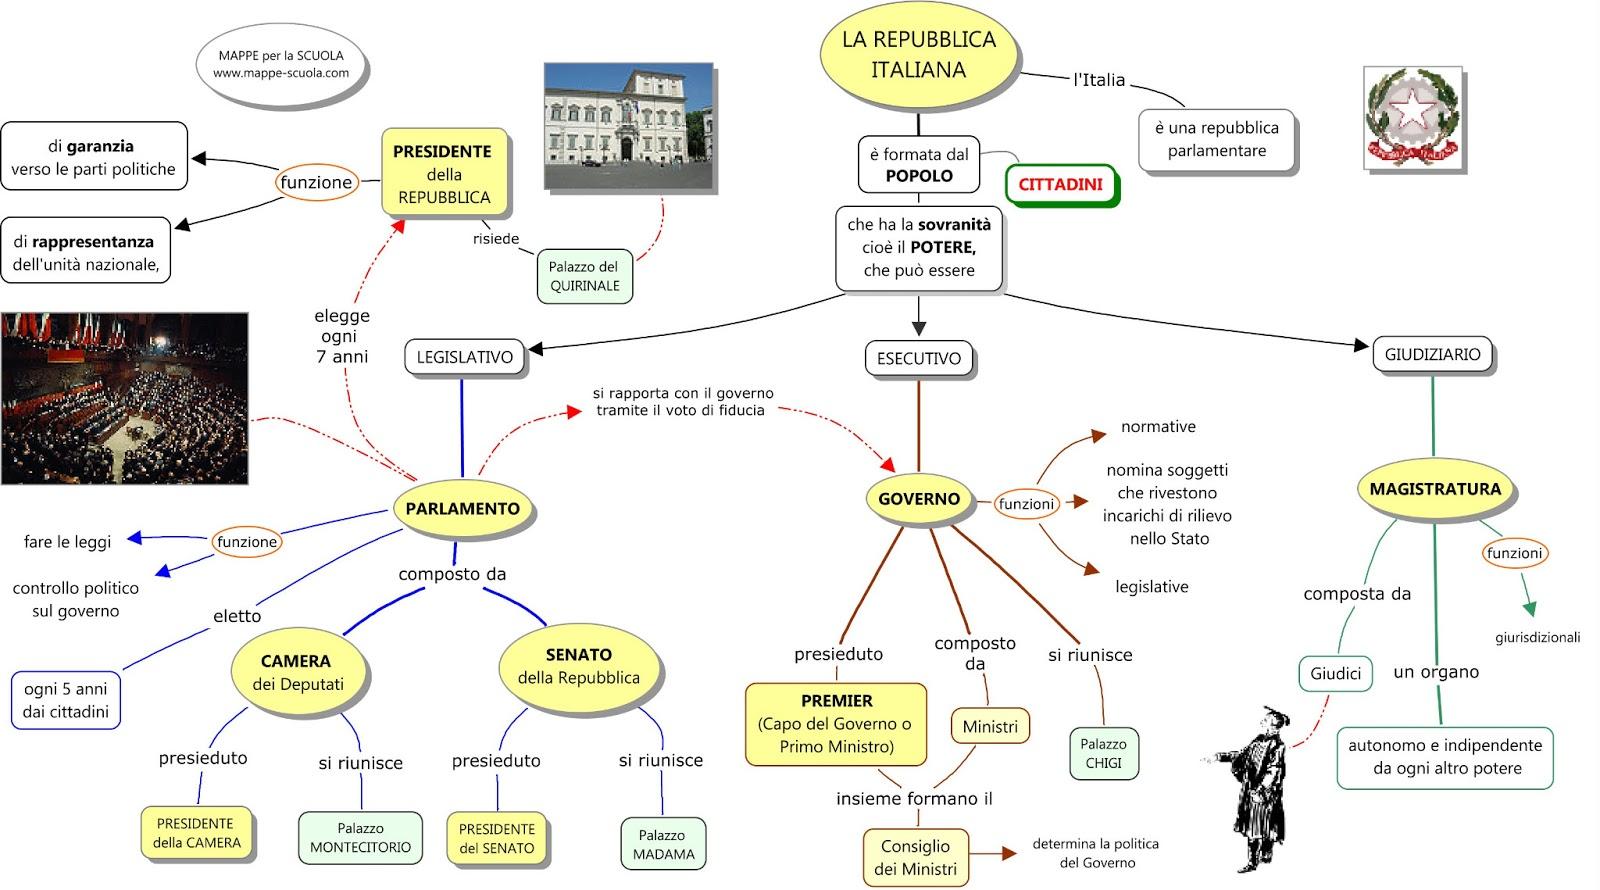 SCHEMA COSTITUZIONE ITALIANA PDF DOWNLOAD